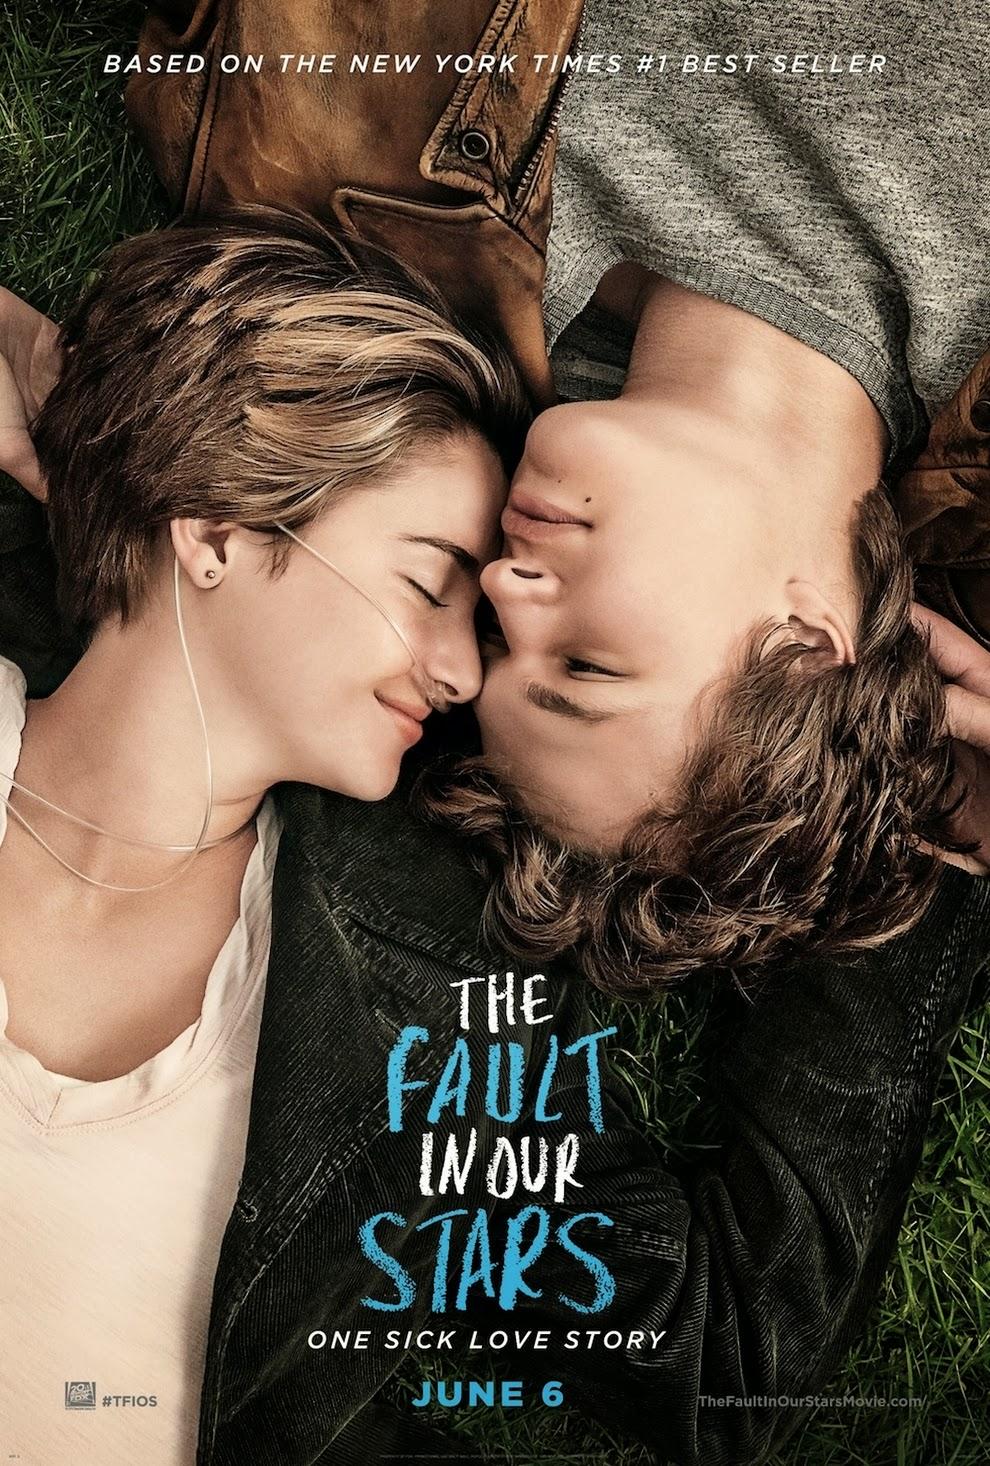 [Image: tfios+movie+poster.jpg]